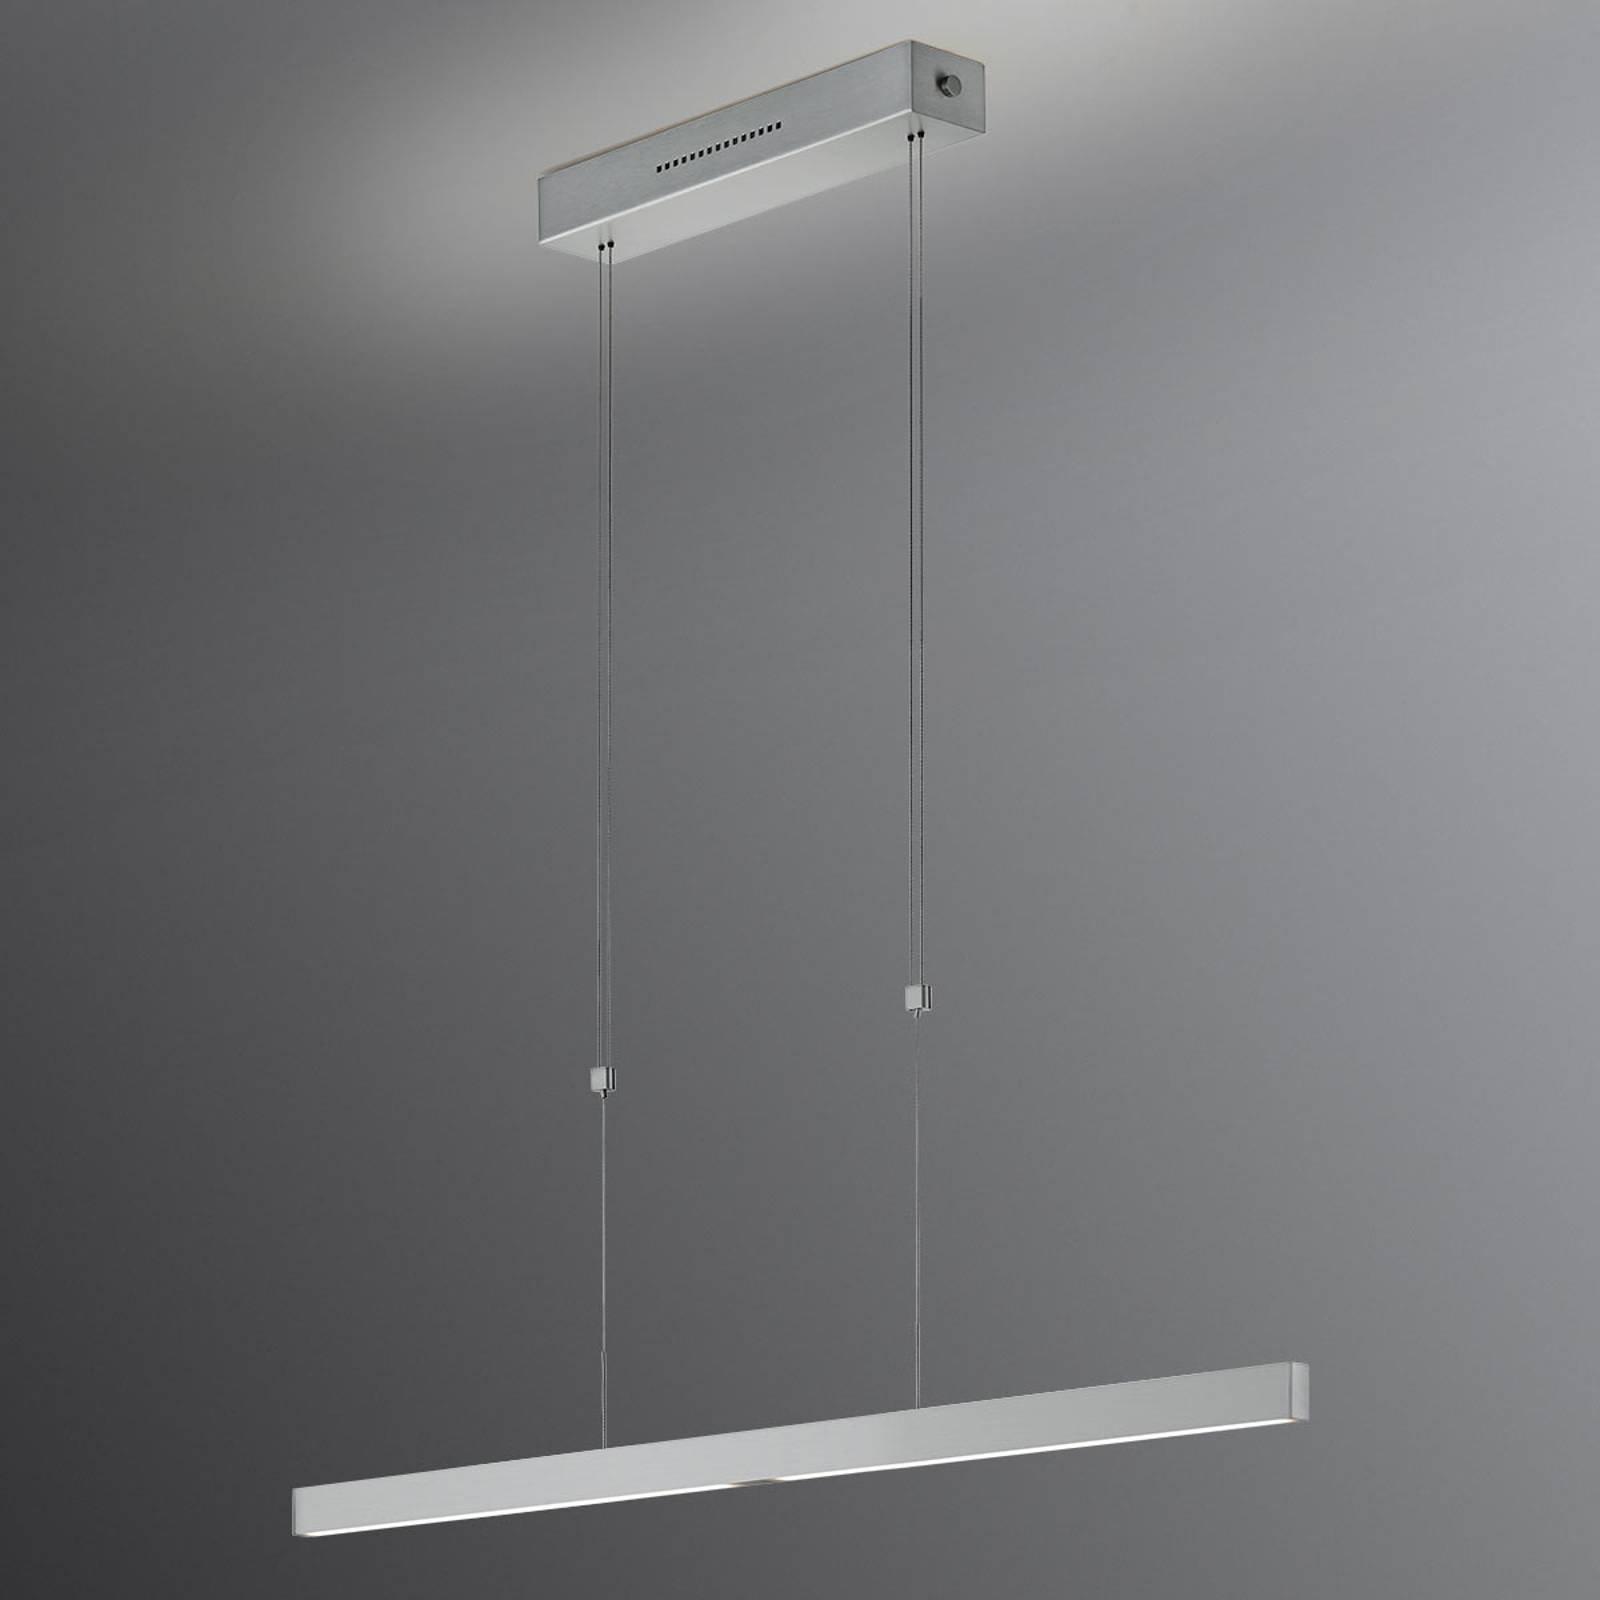 LED-hengelampe Pia gestsensor matt nikkel 68 cm